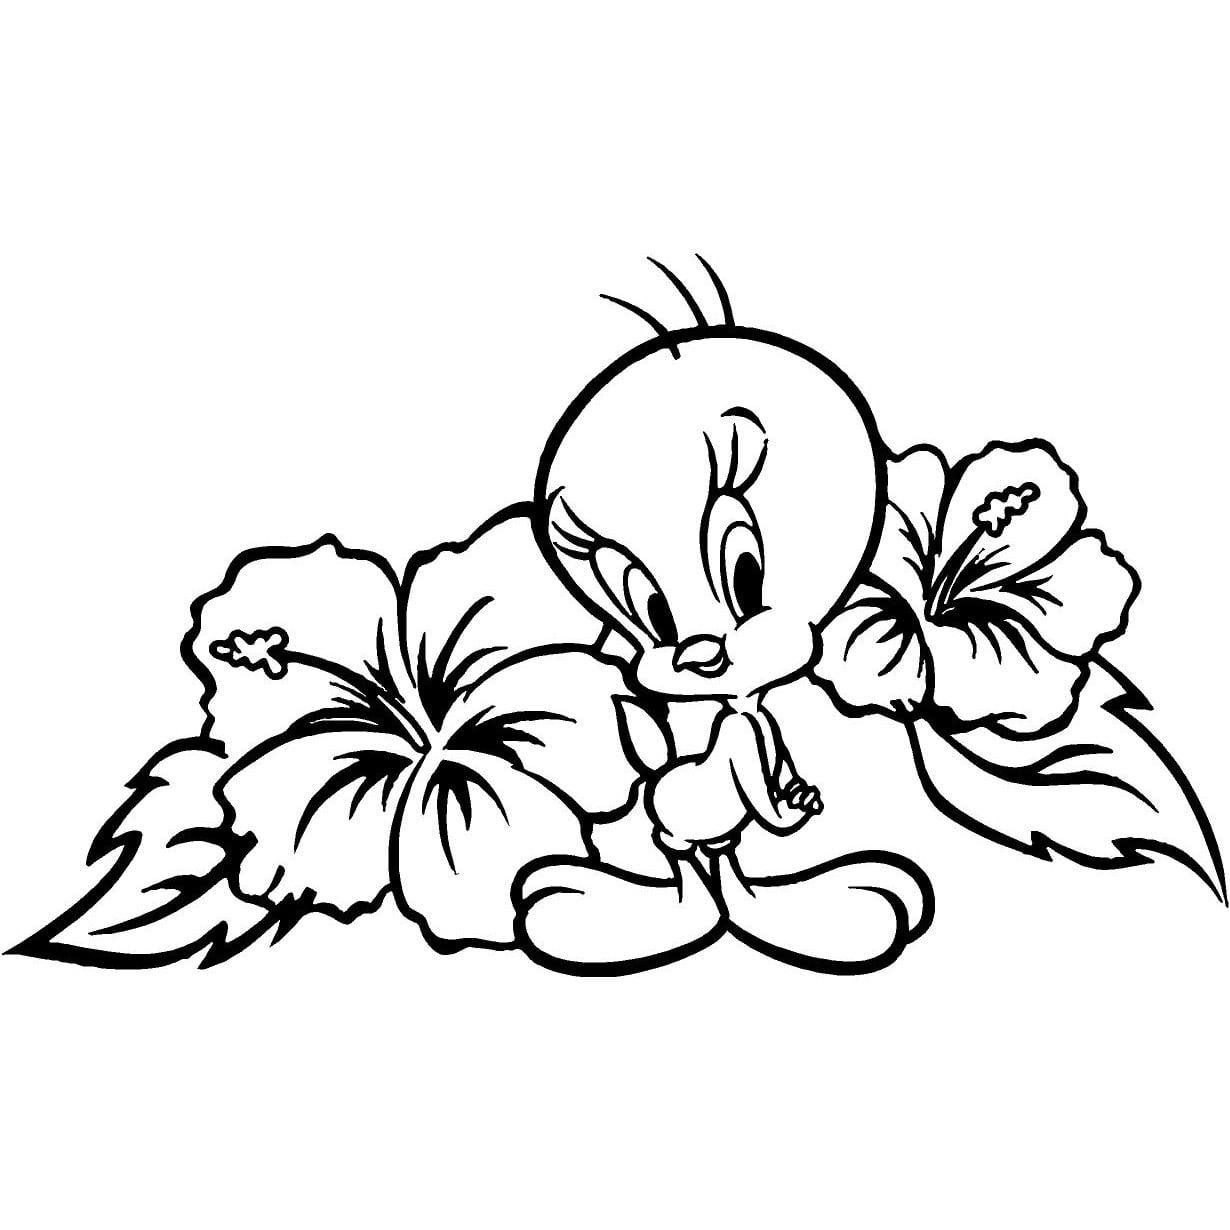 Imagenes De Flores Grandes Para Imprimir Y Pintar